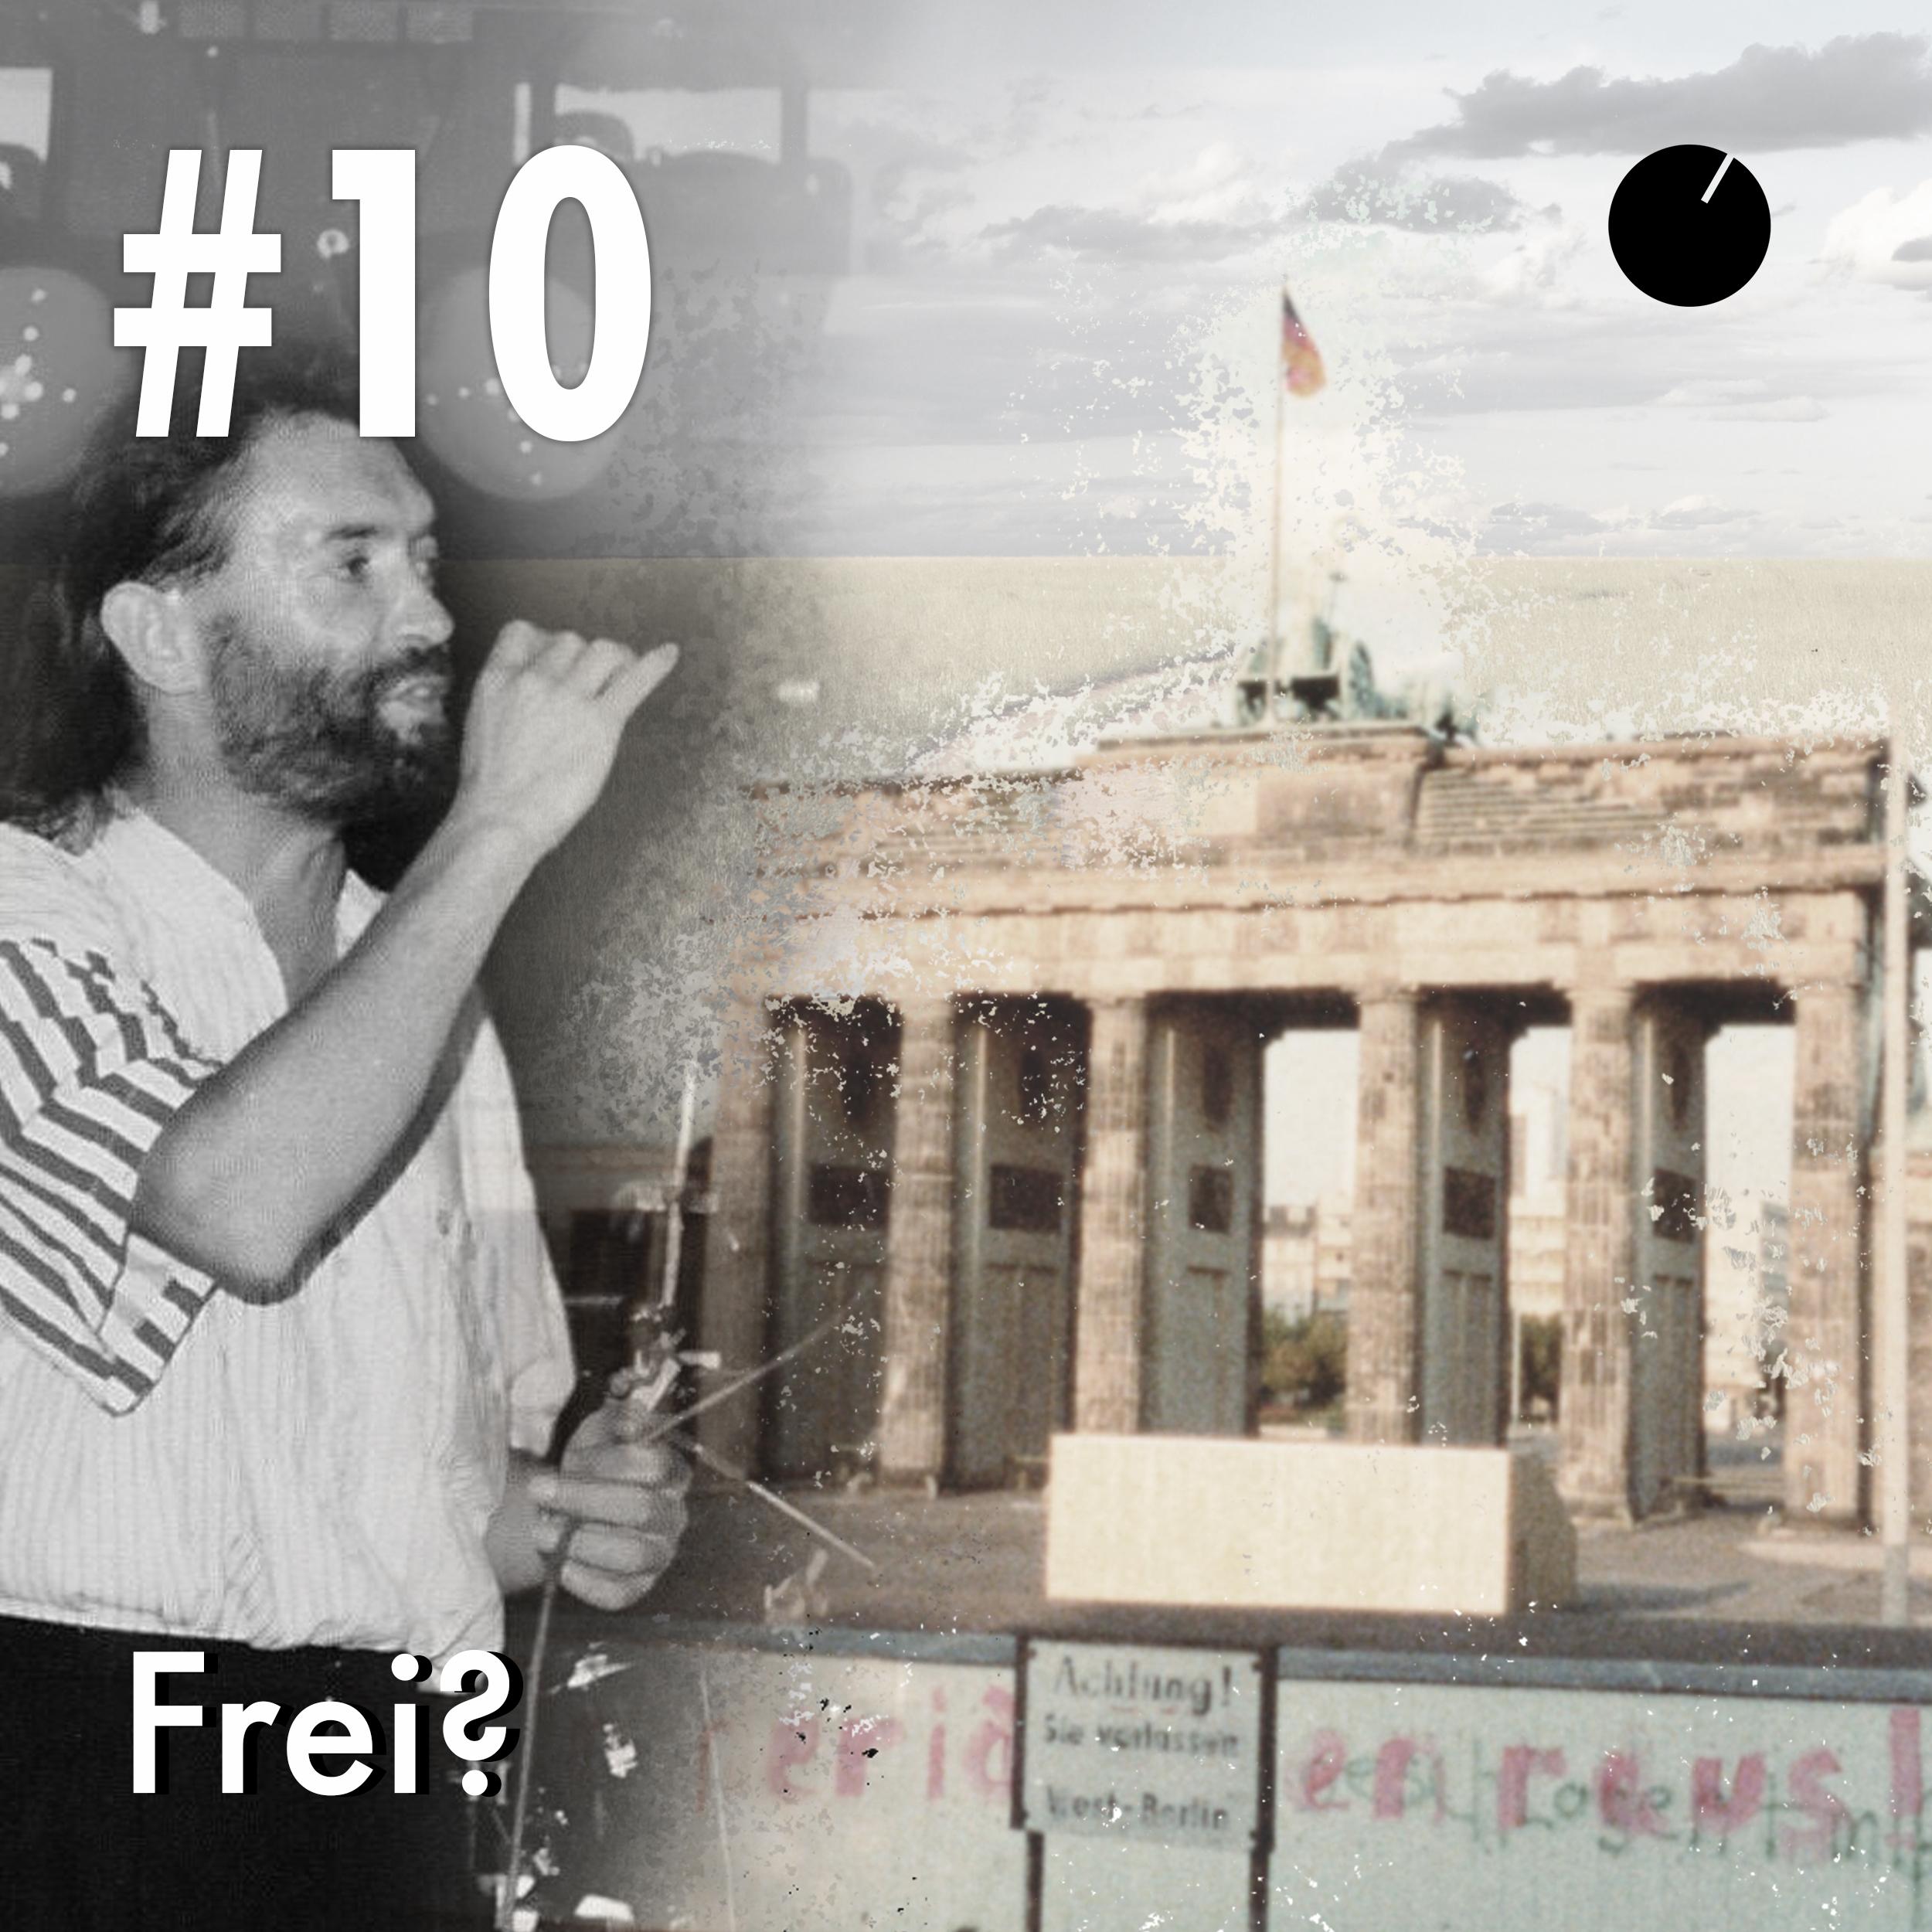 #10 Frei?